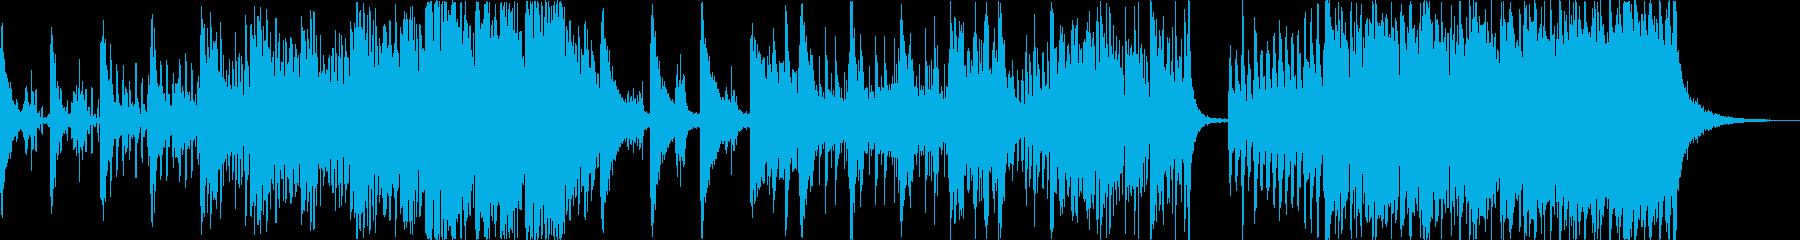 現代の交響曲 劇的な 神経質 ピア...の再生済みの波形